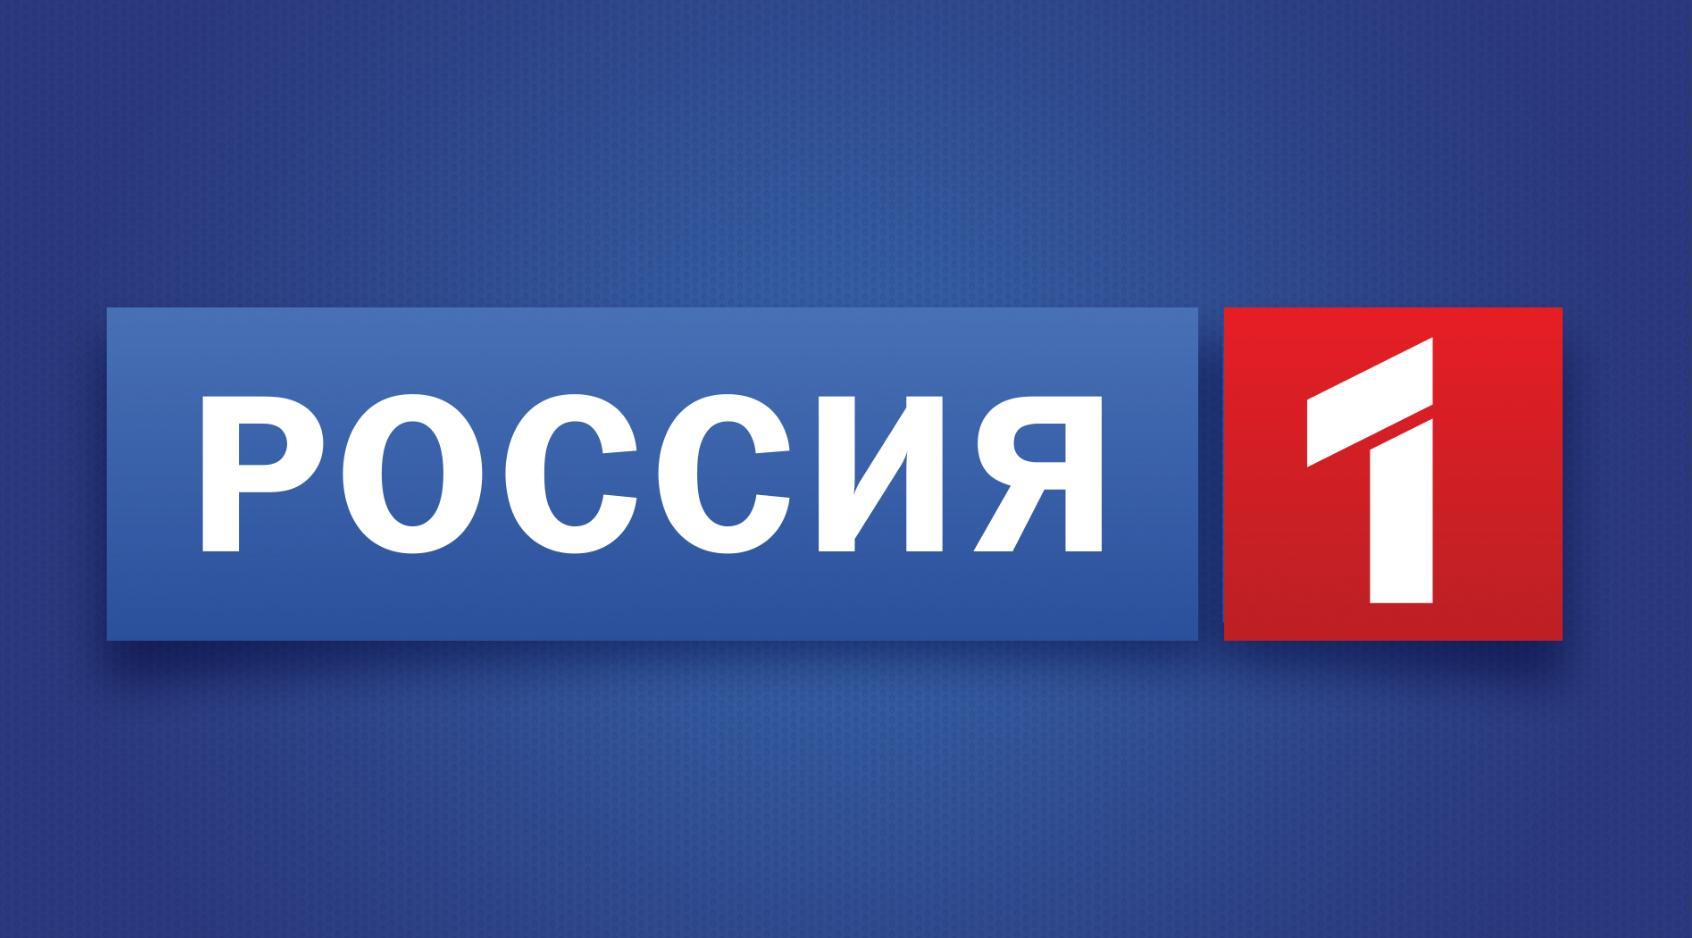 Программа россия 1 на сегодня завтра